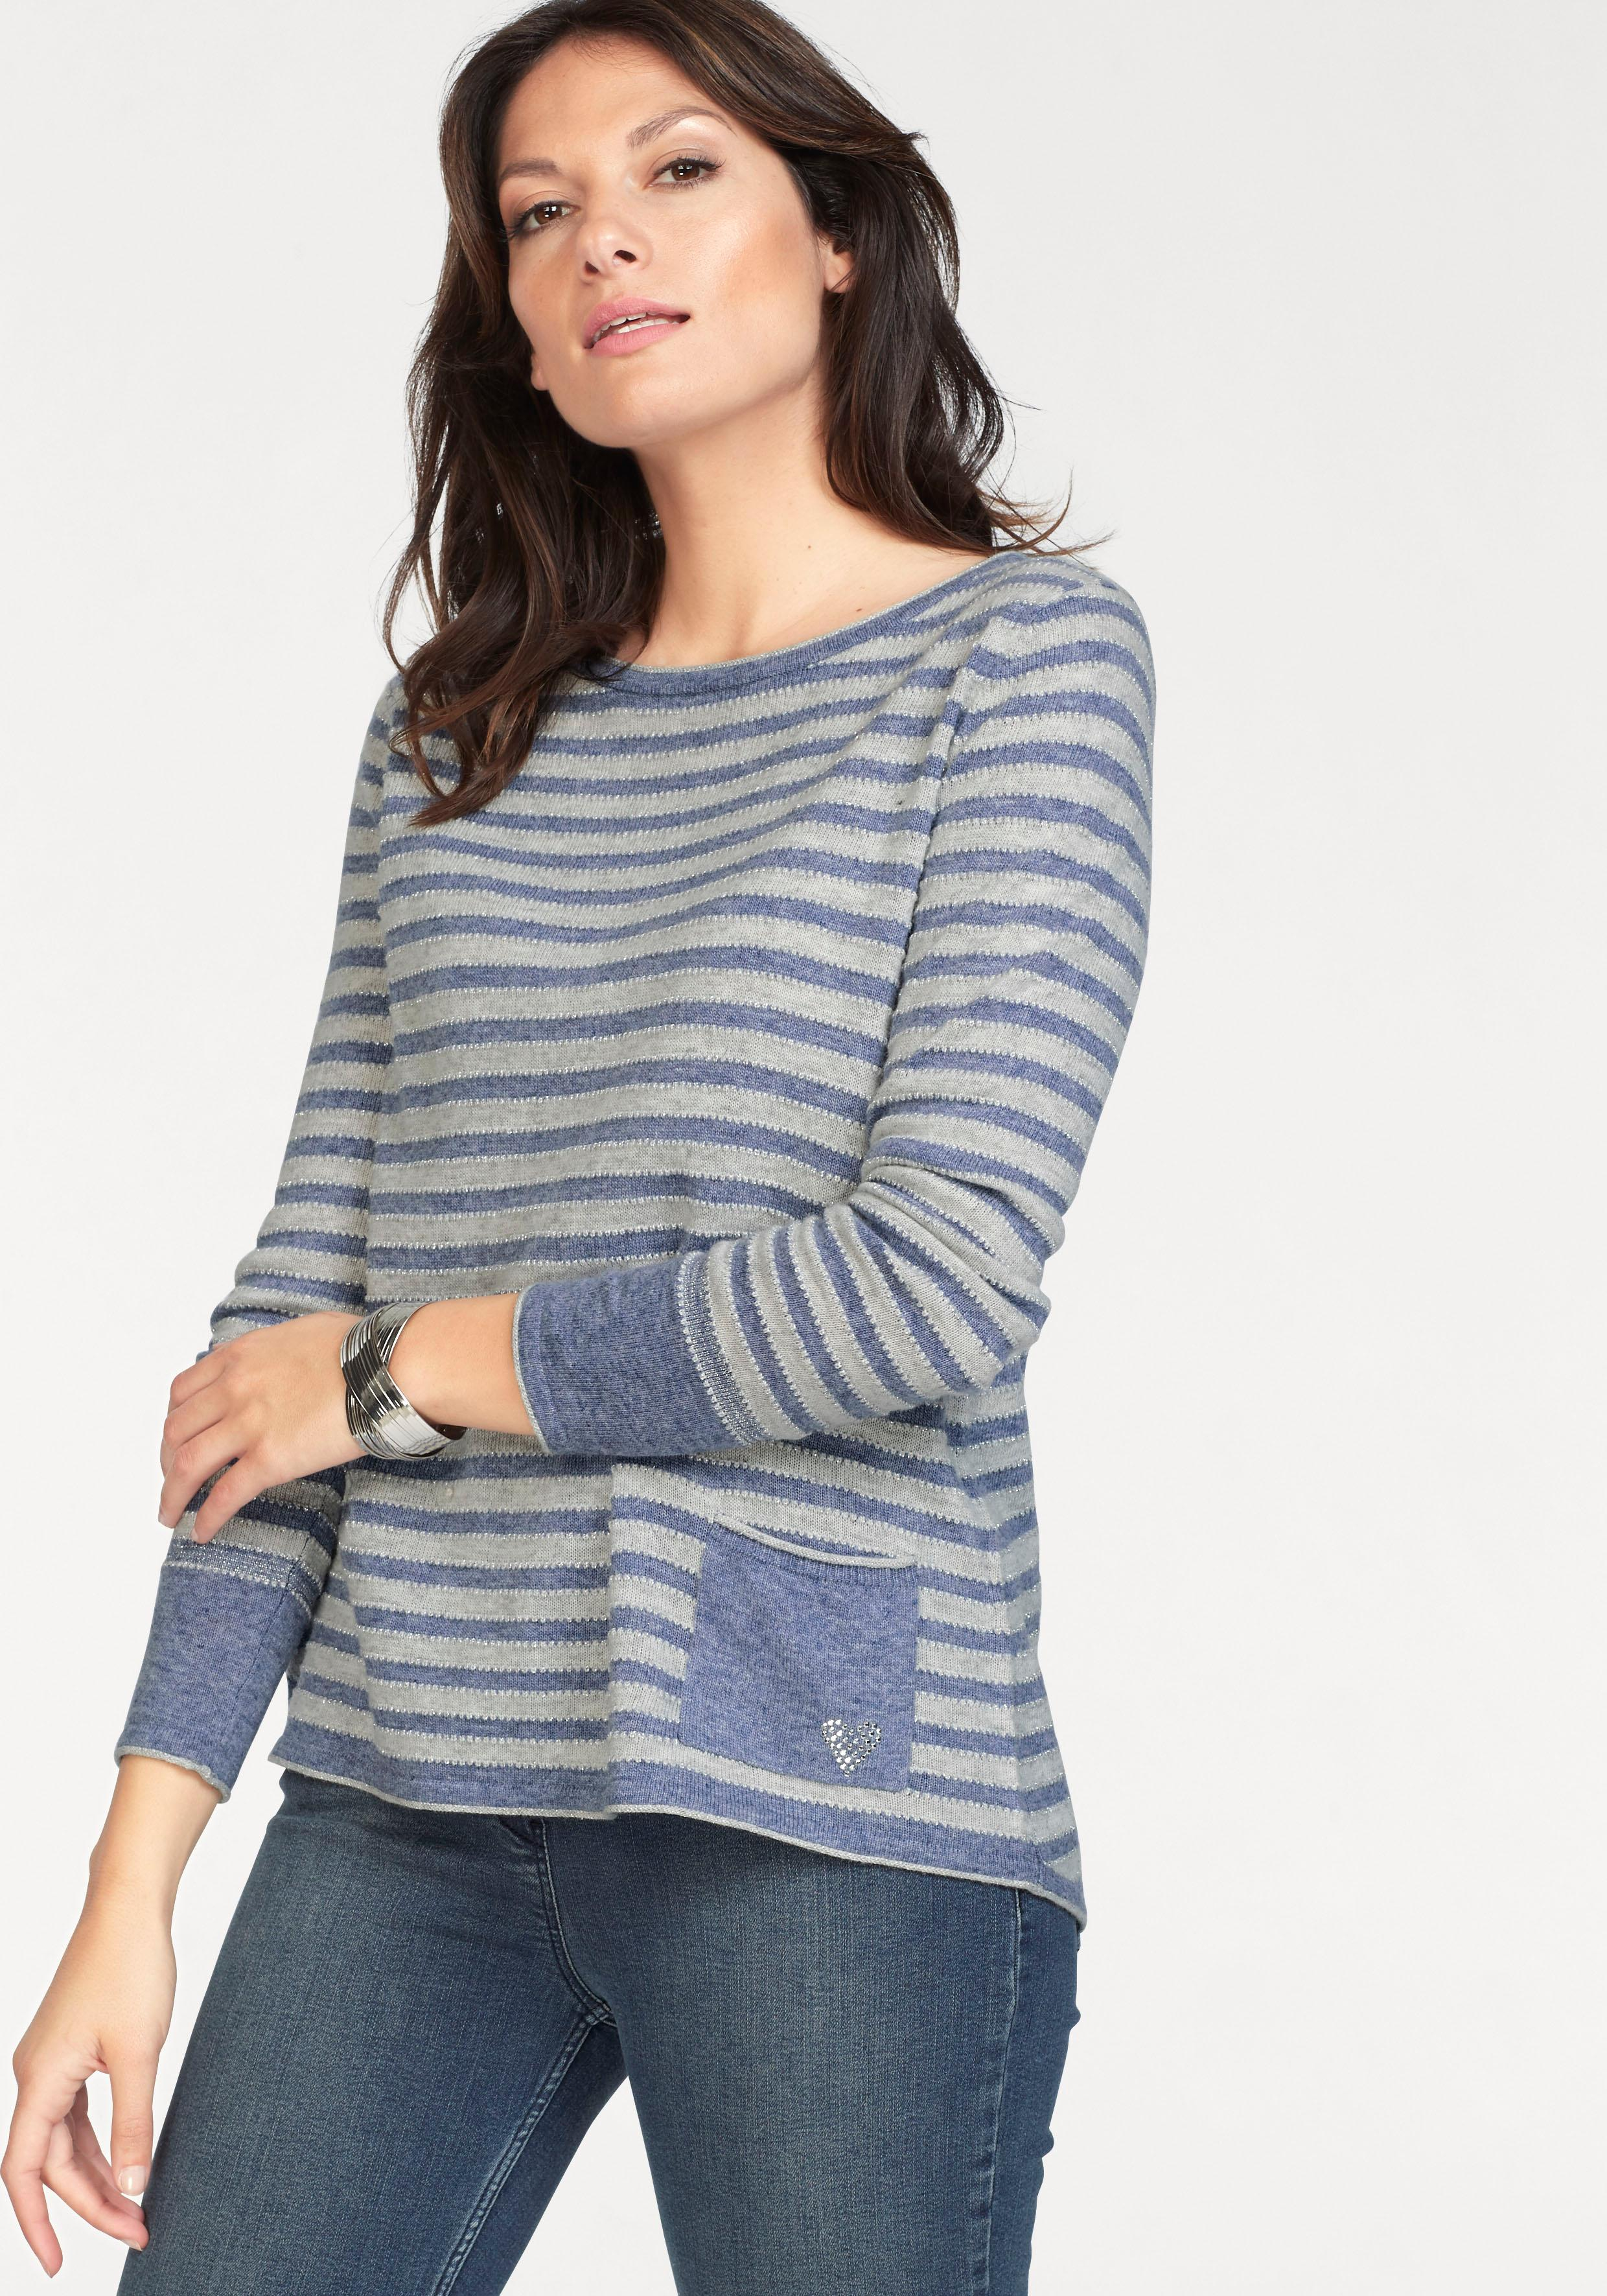 Clarina Streifenpullover | Bekleidung > Pullover > Streifenpullover | Blau | Clarina